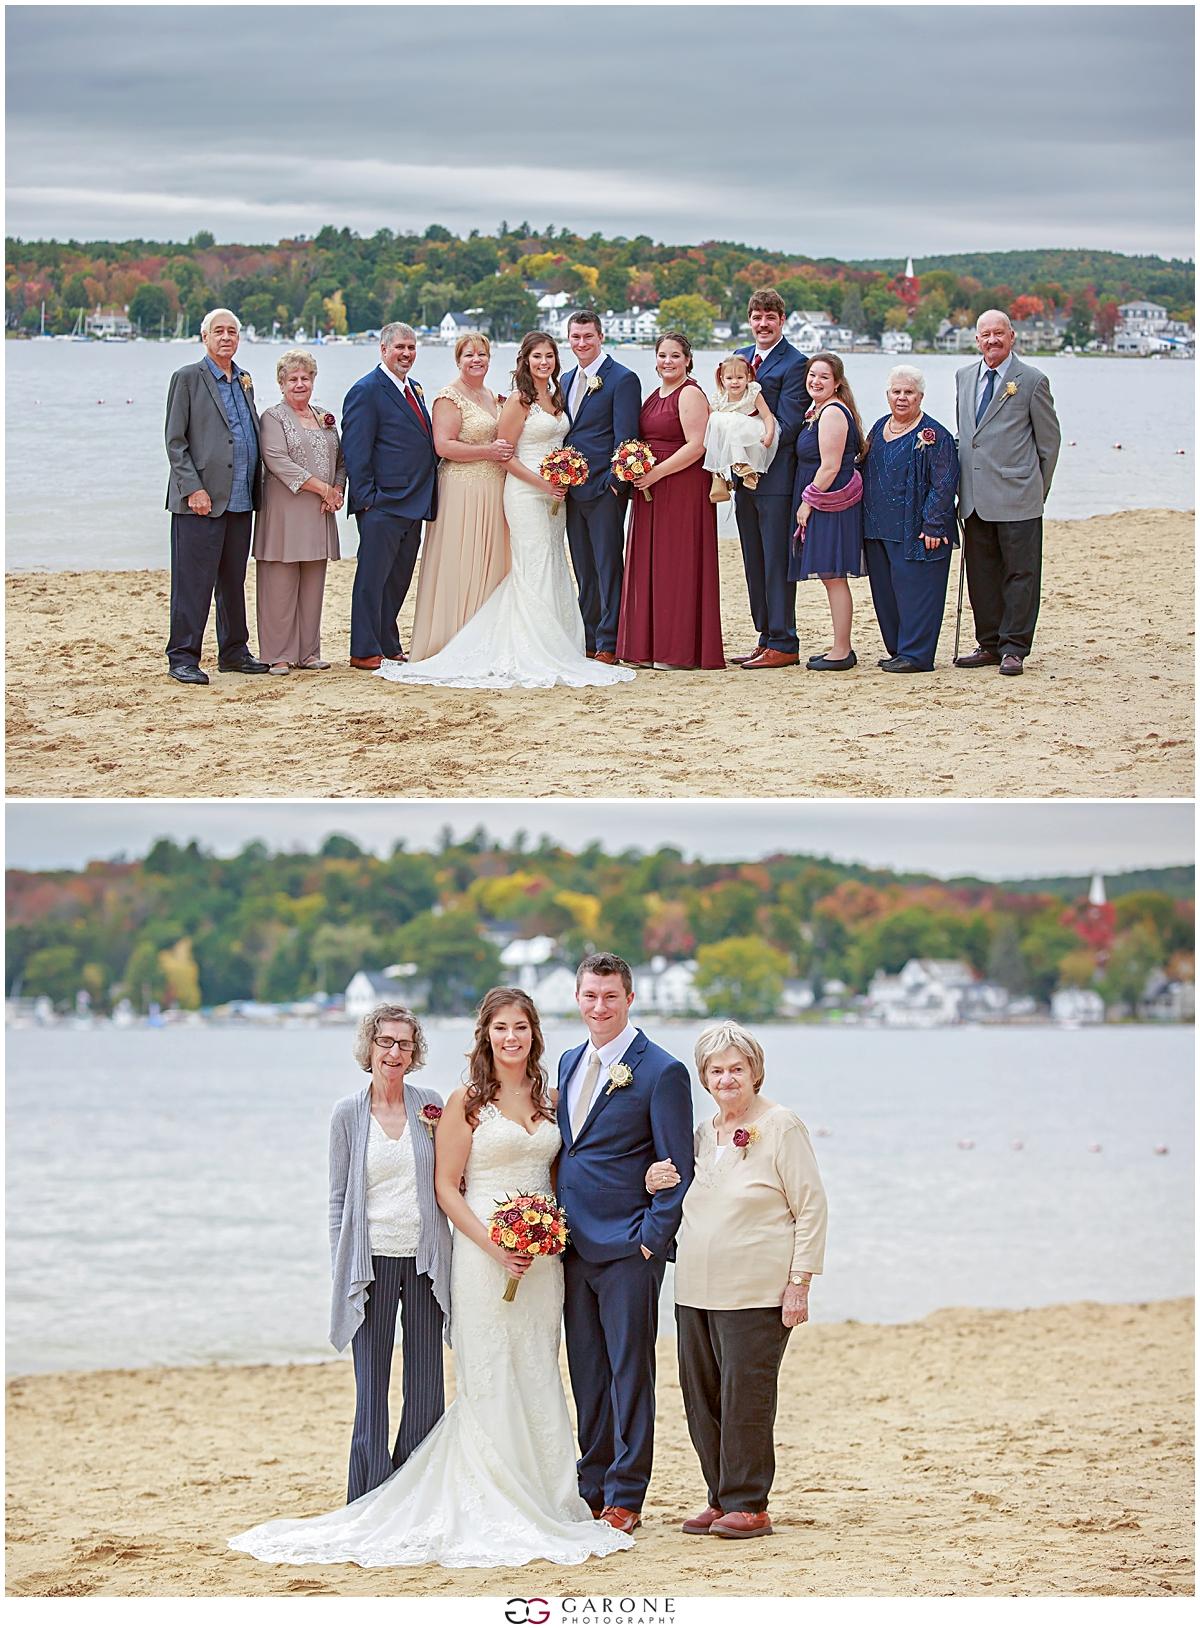 Garone_Photography_Wolfeboro_Inn_Wedding_Lake Winnipasaukee_Wedding_0013.jpg